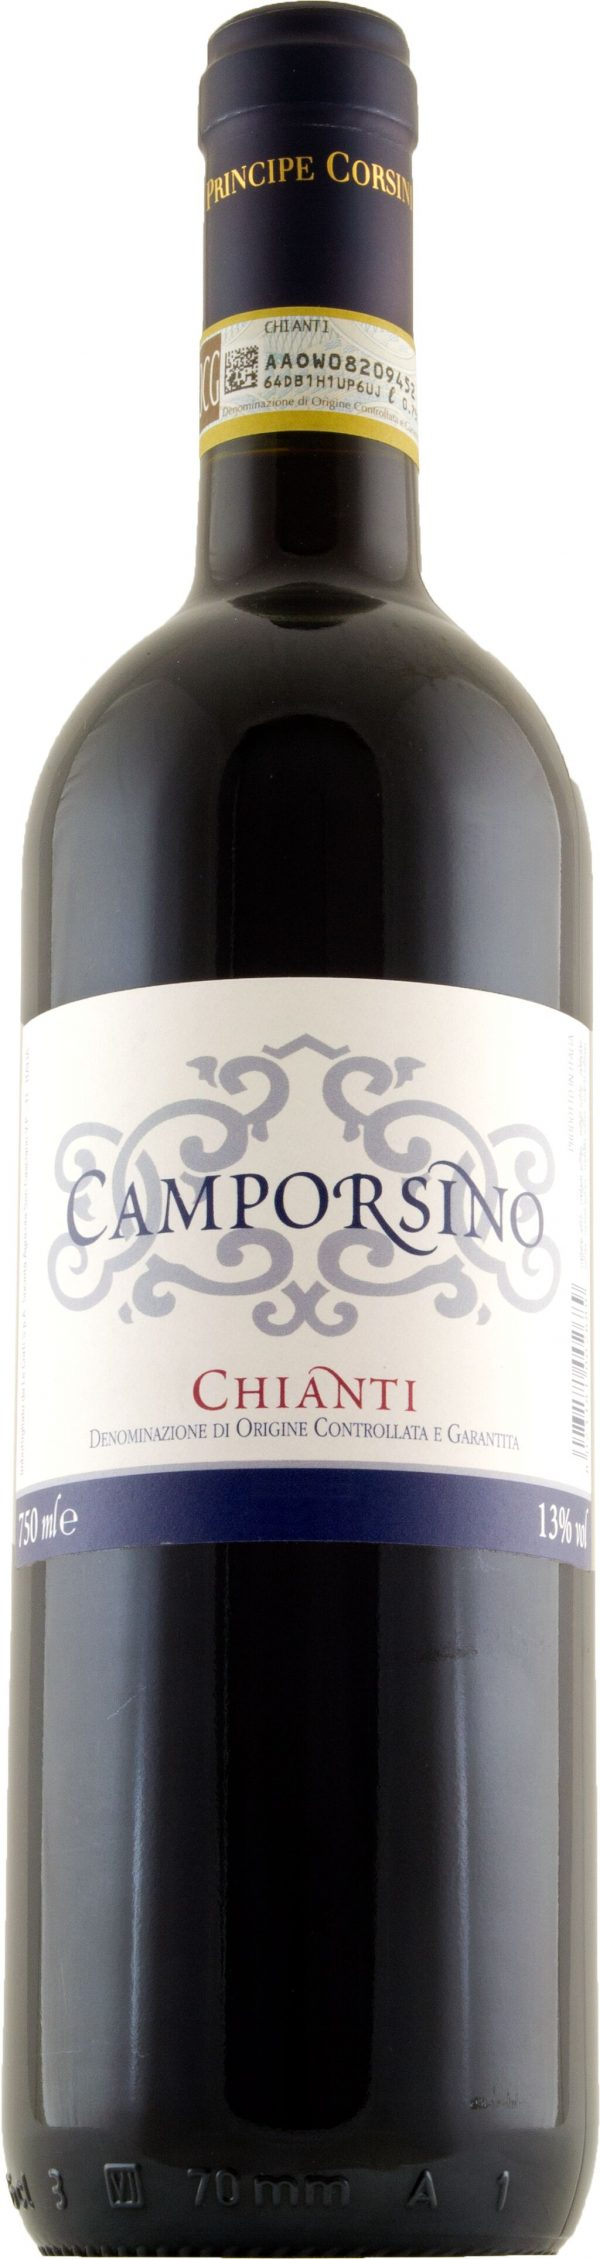 Corsini Camporsino Chianti 75cl